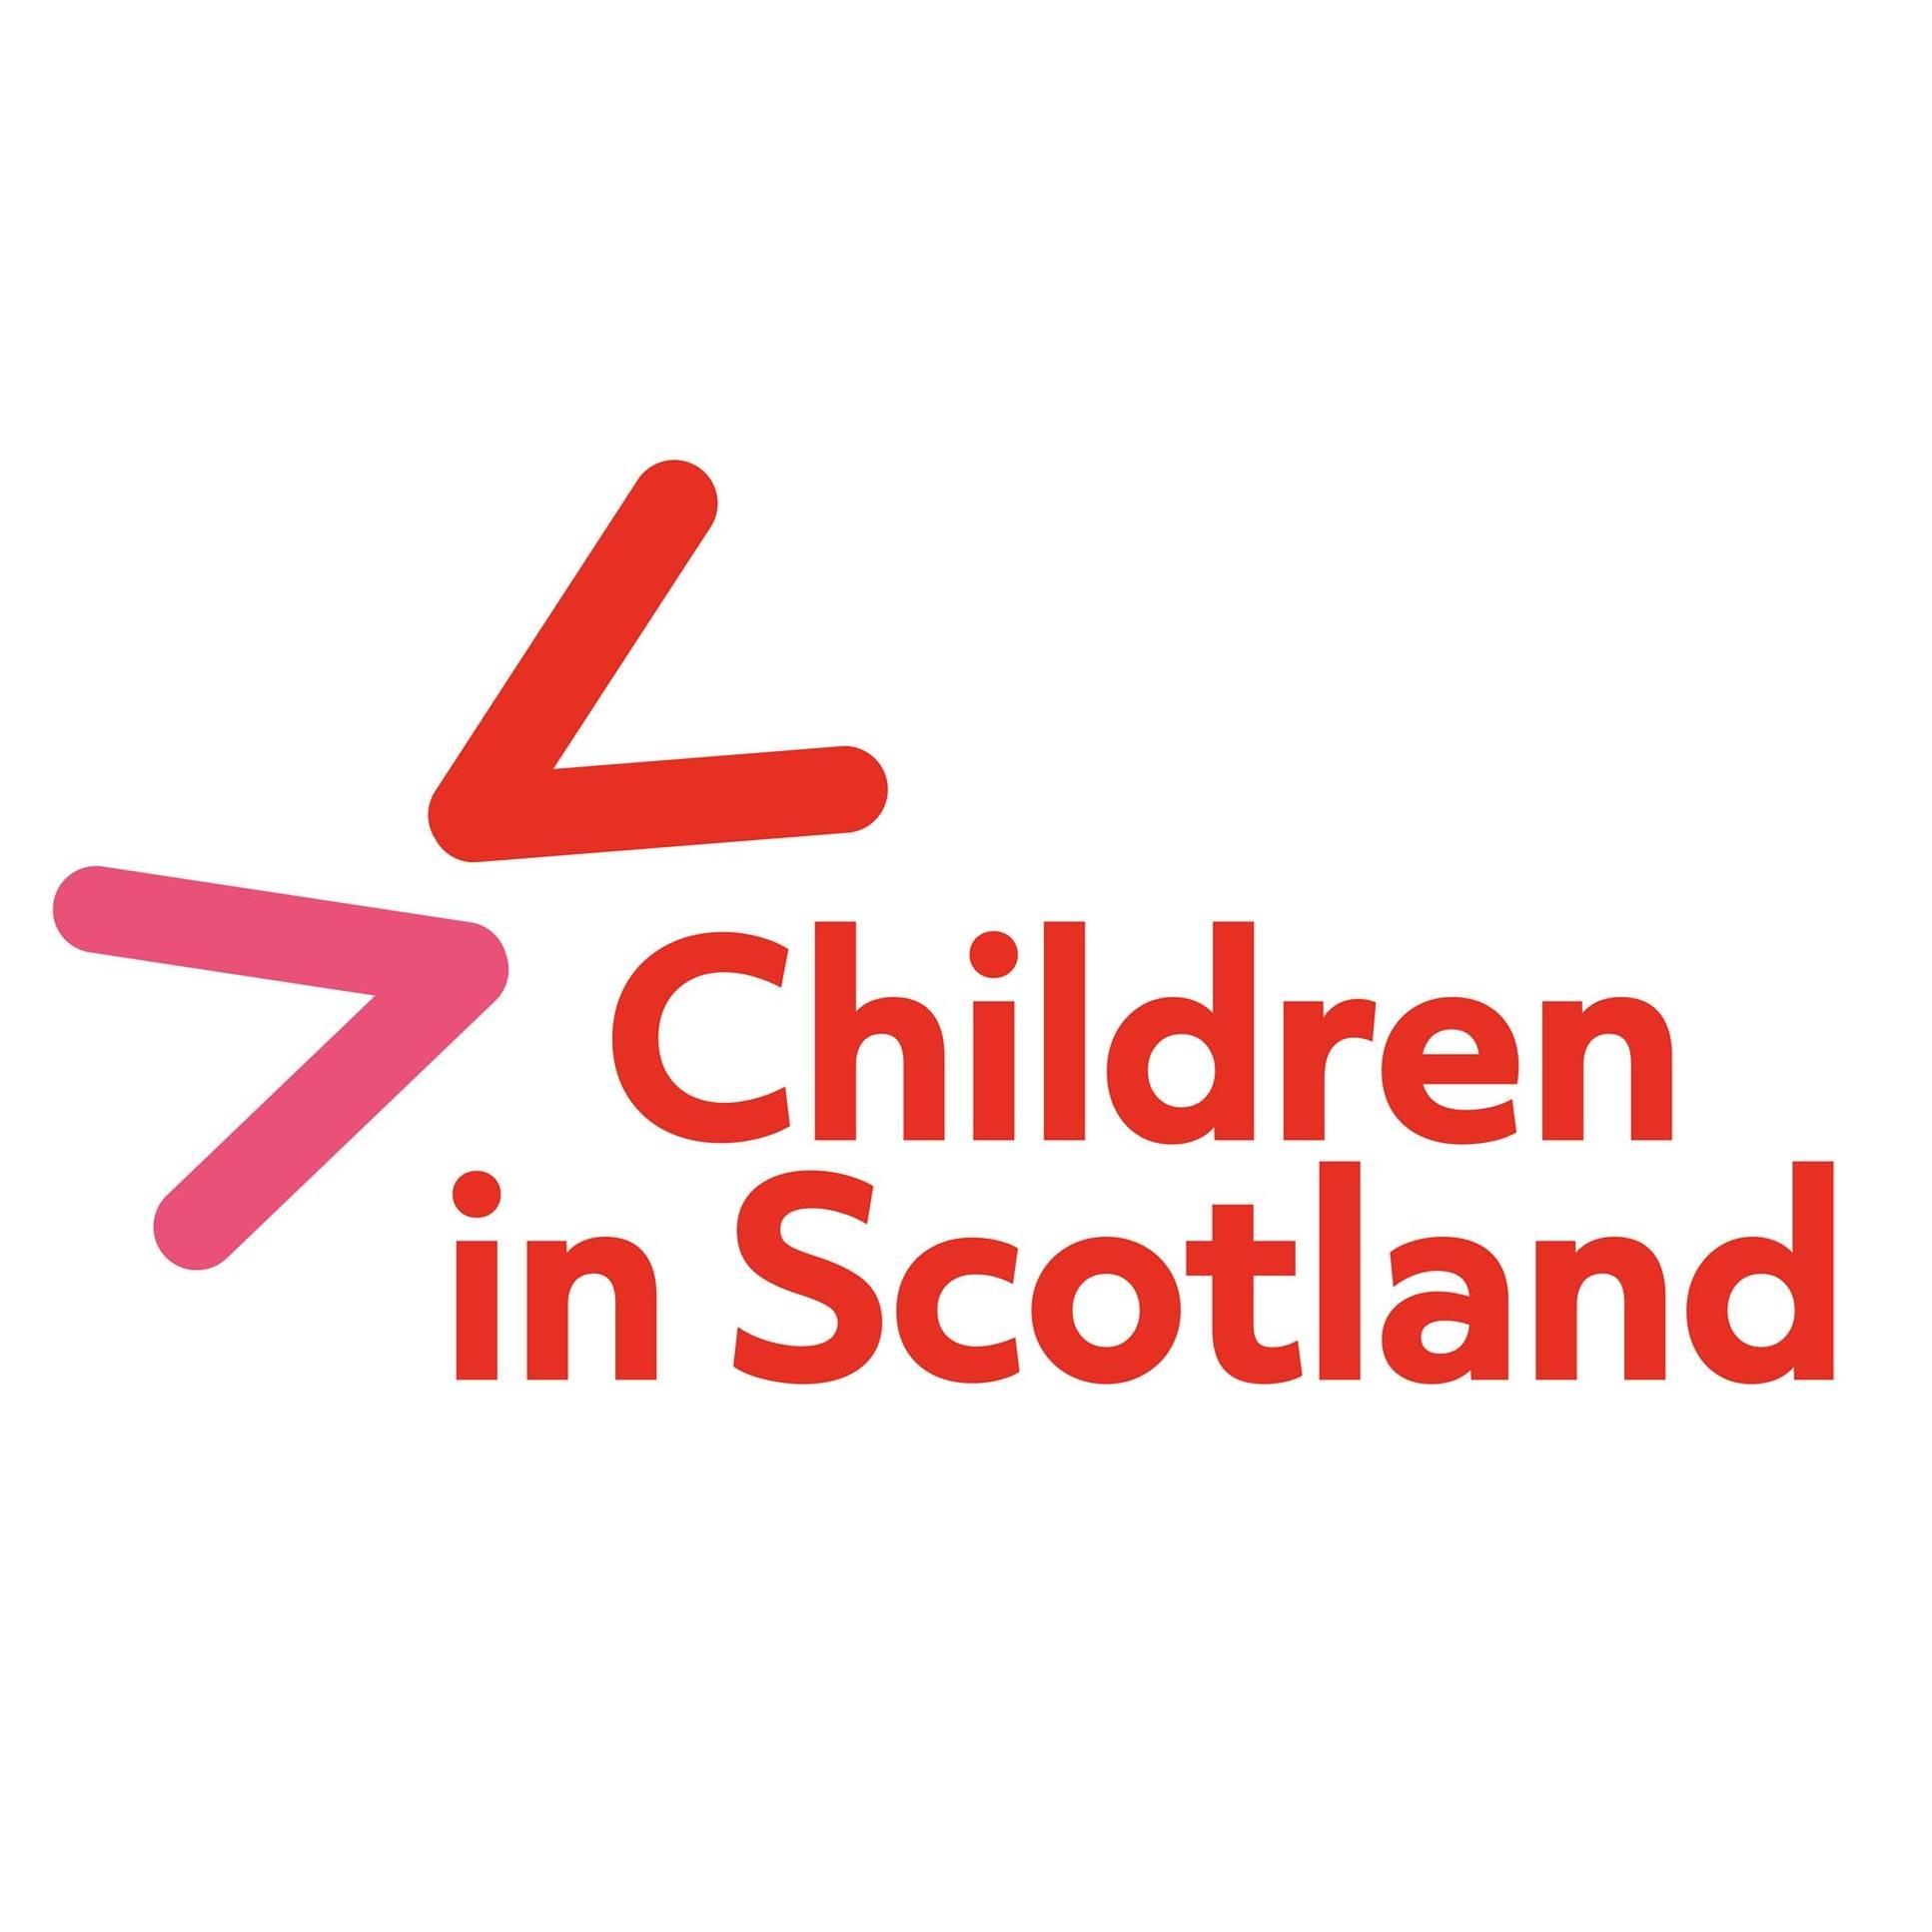 Children in Scotland